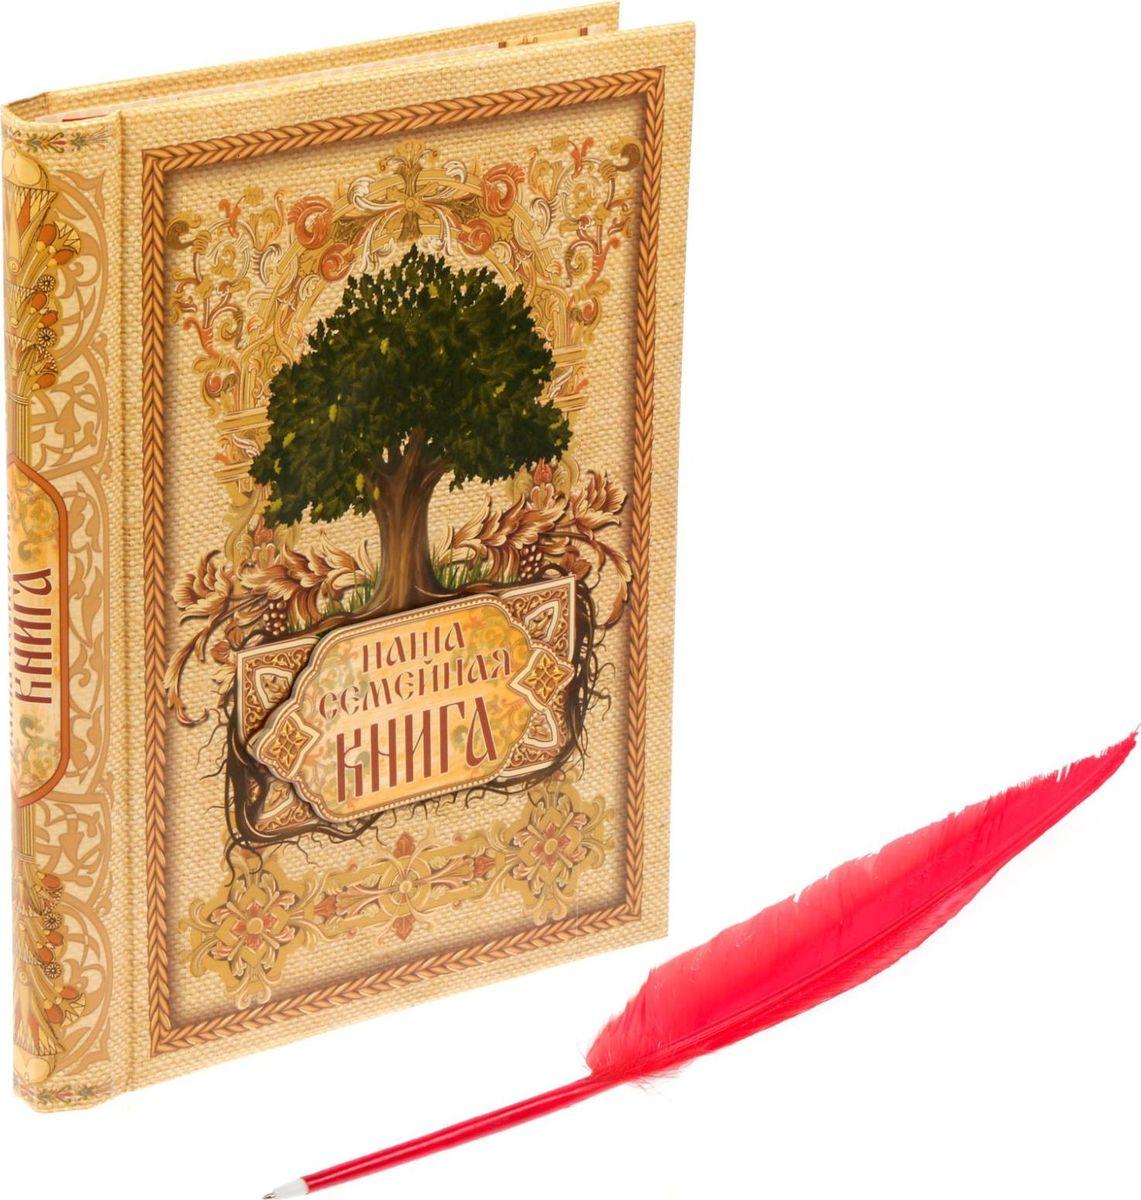 Родословная книга Наша семейная книга, с пером, 24,5 х 29,2 х 3 см книга родословная купить в екатеринбурге